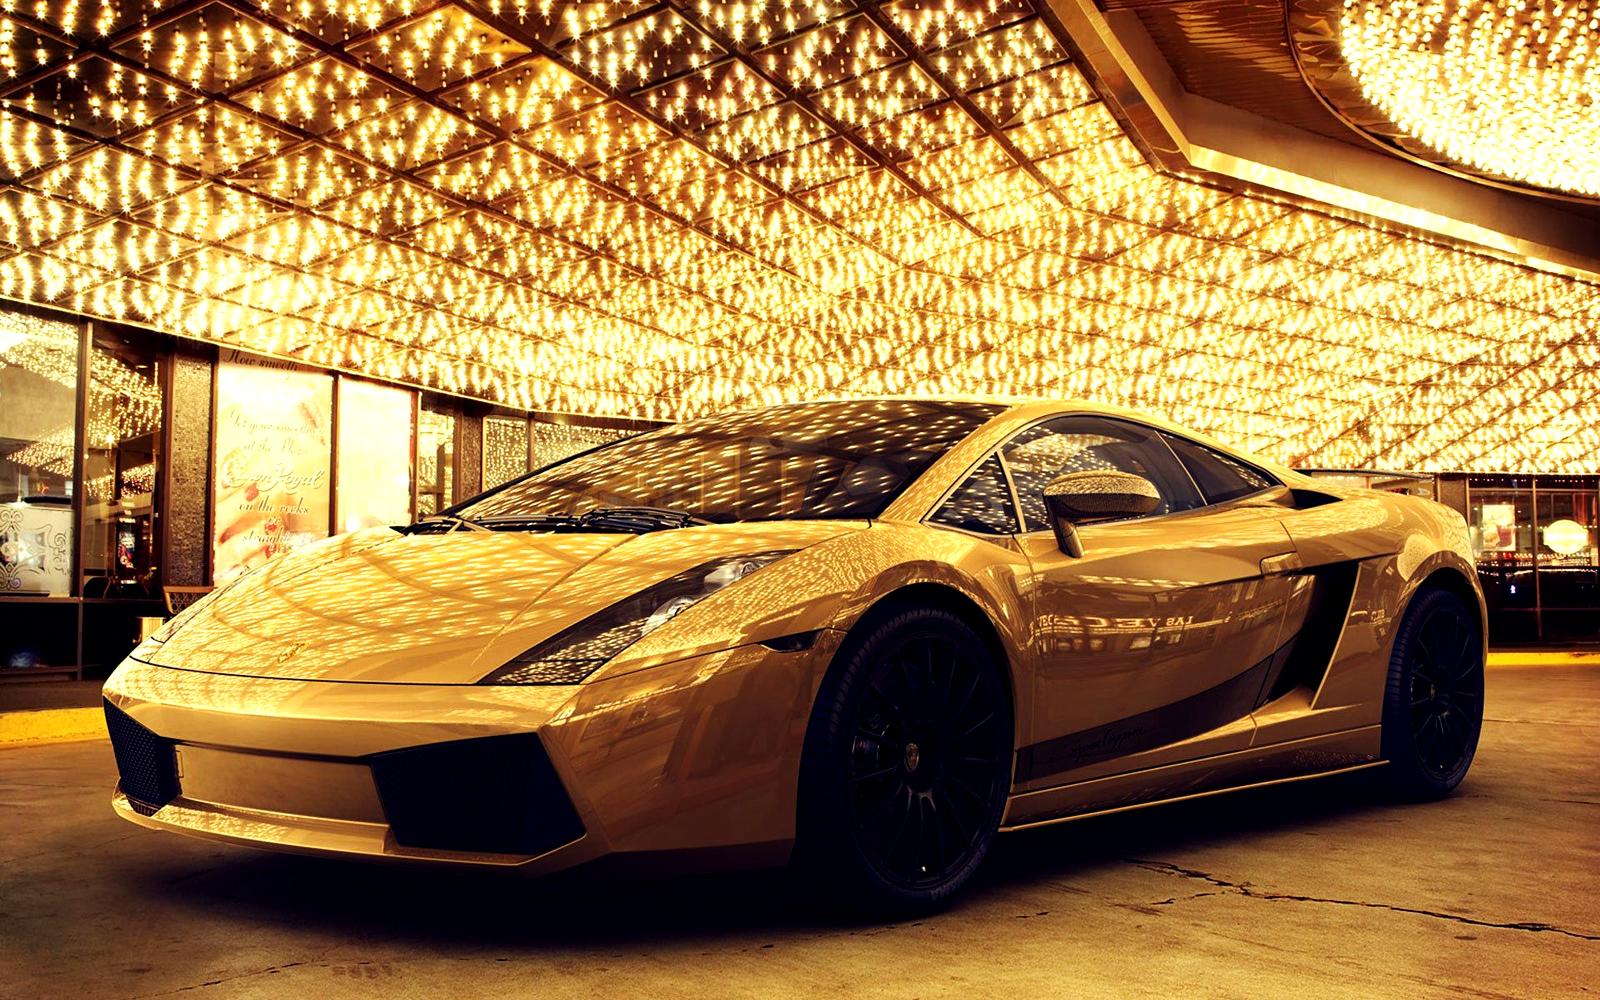 Cool Gold Cars Wallpapers - WallpaperSafari